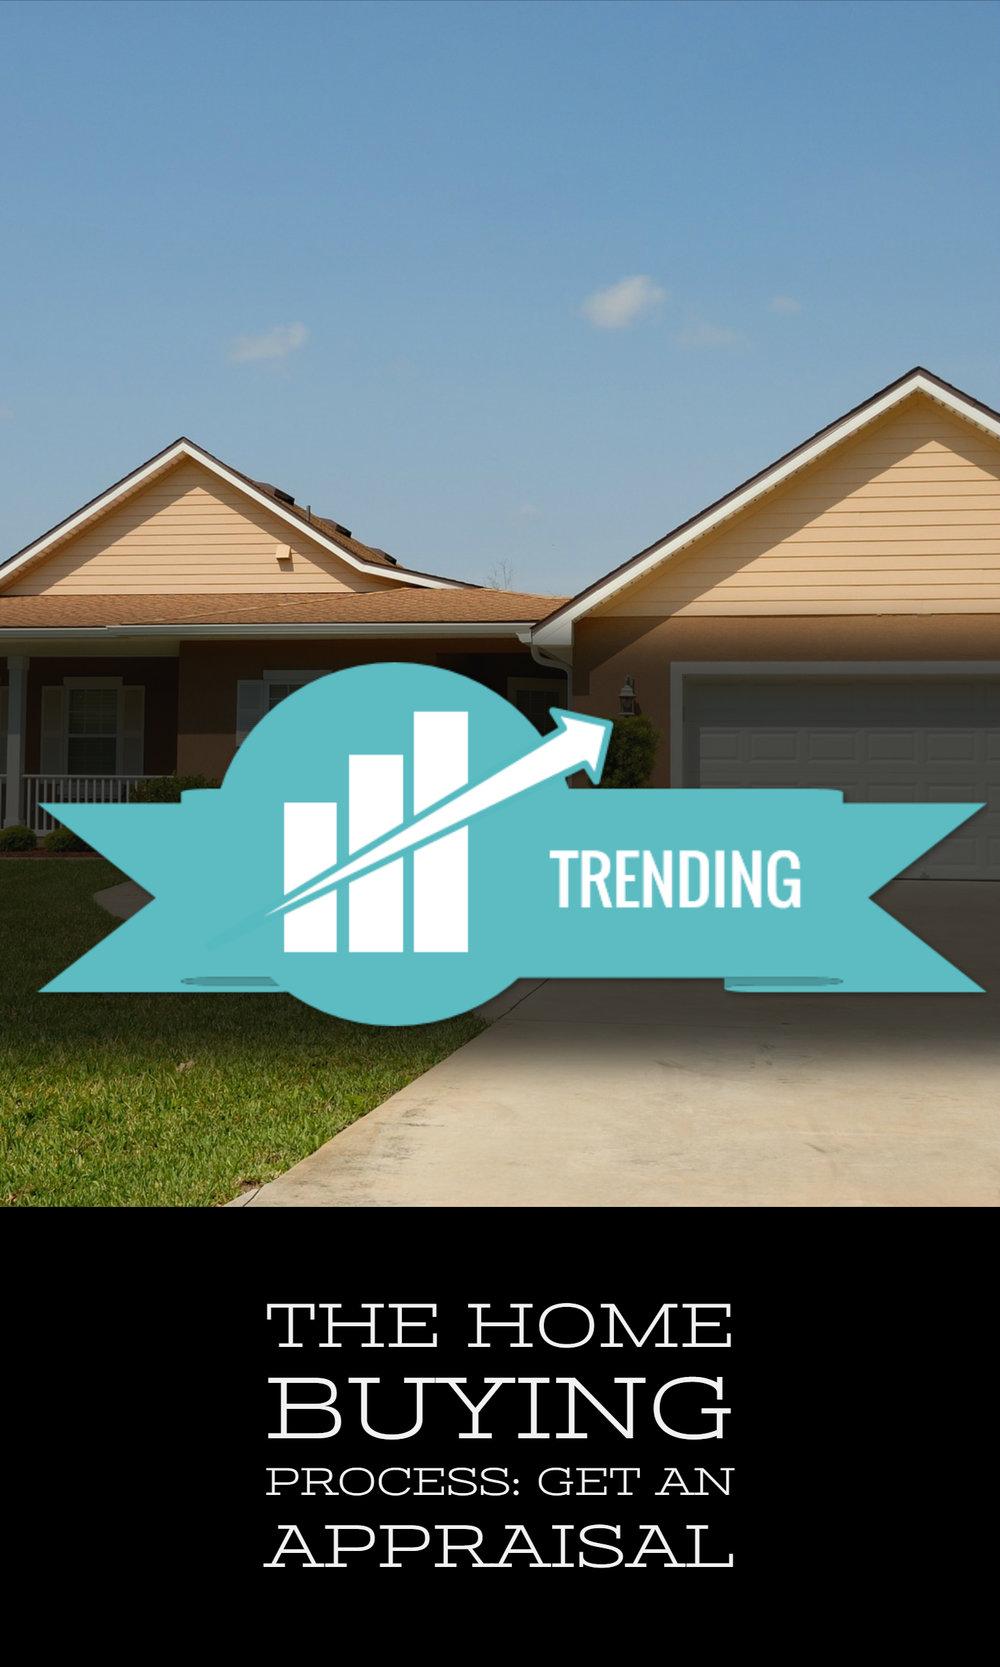 trending4.jpg